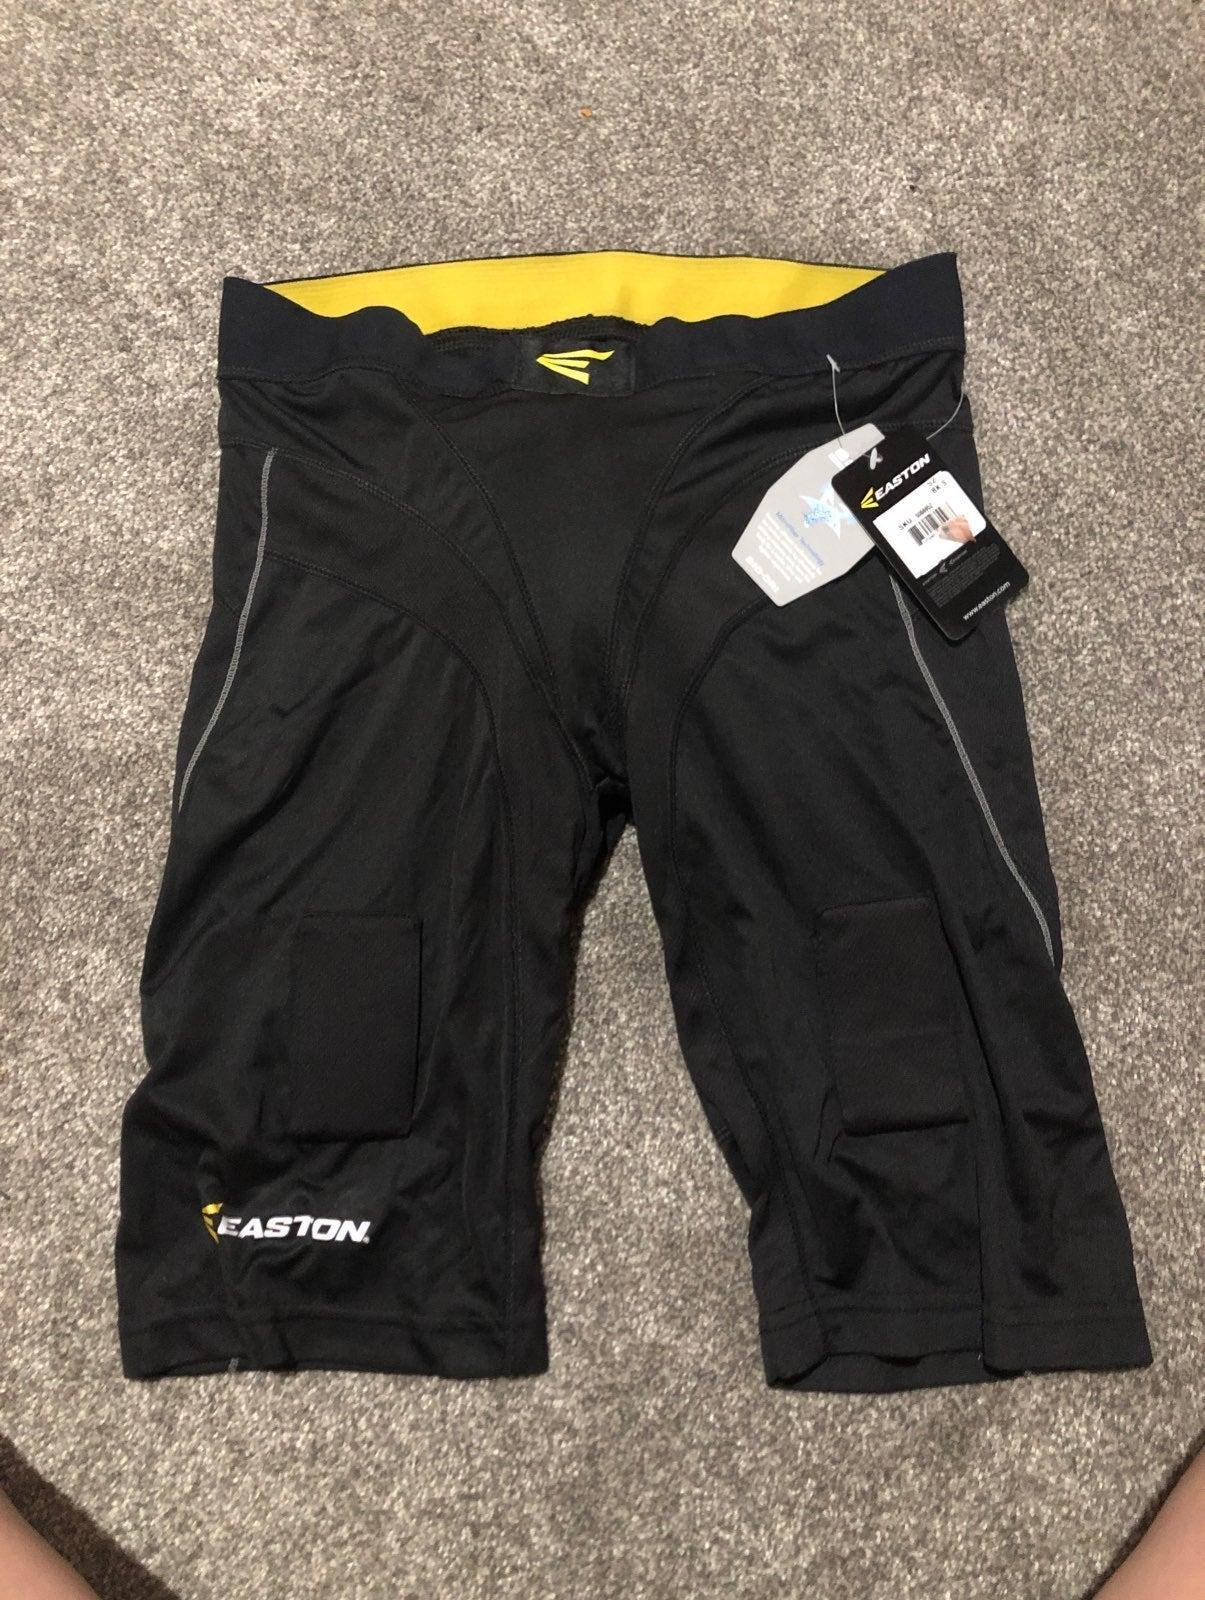 EASTON hockey / sports Shorts S mens